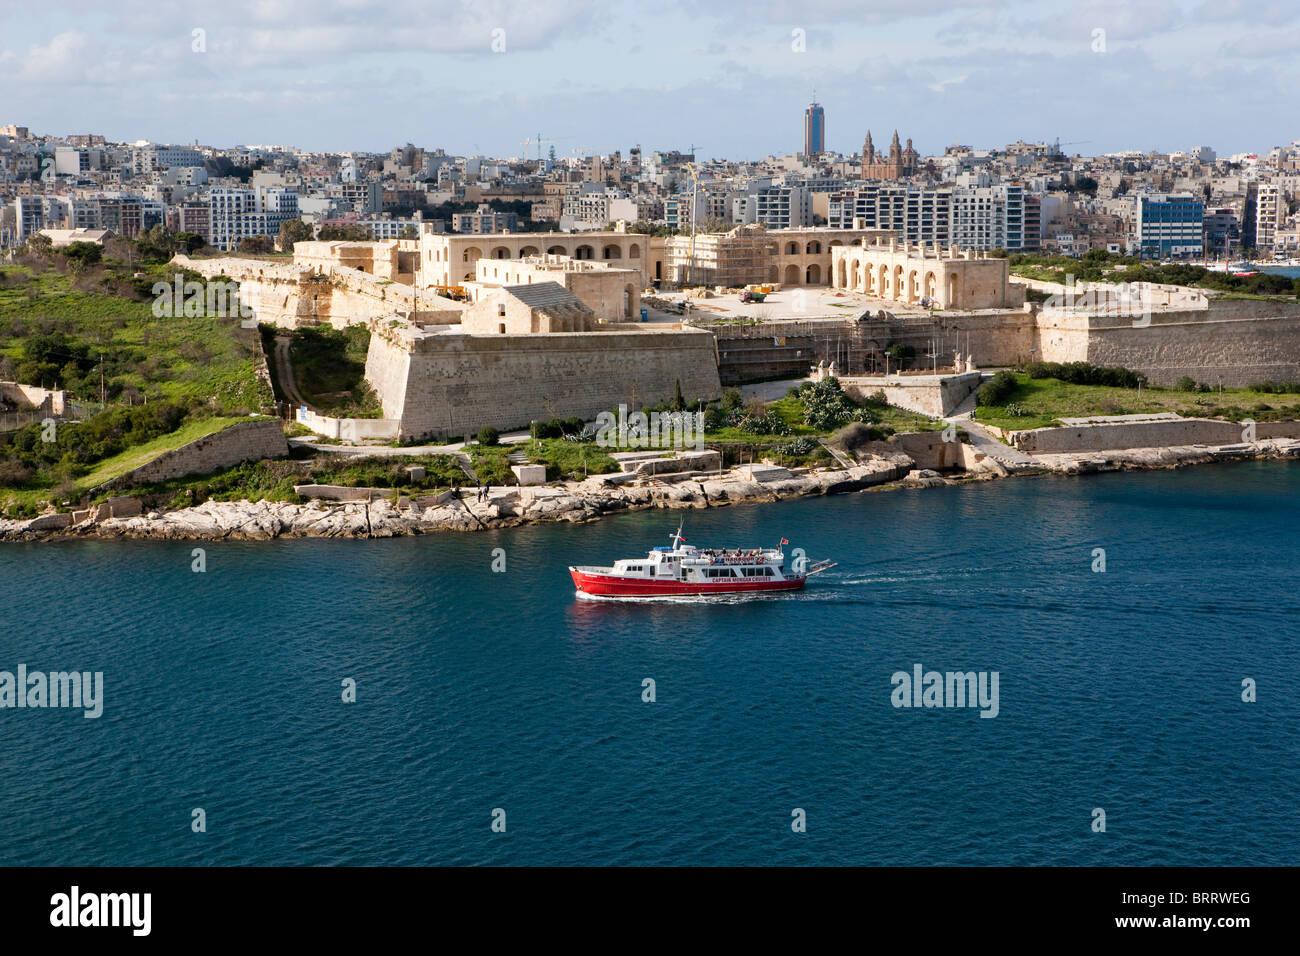 View of Valletta from Marsamxett Harbour on Manoel Harbour, Valletta, Malta, Europe - Stock Image